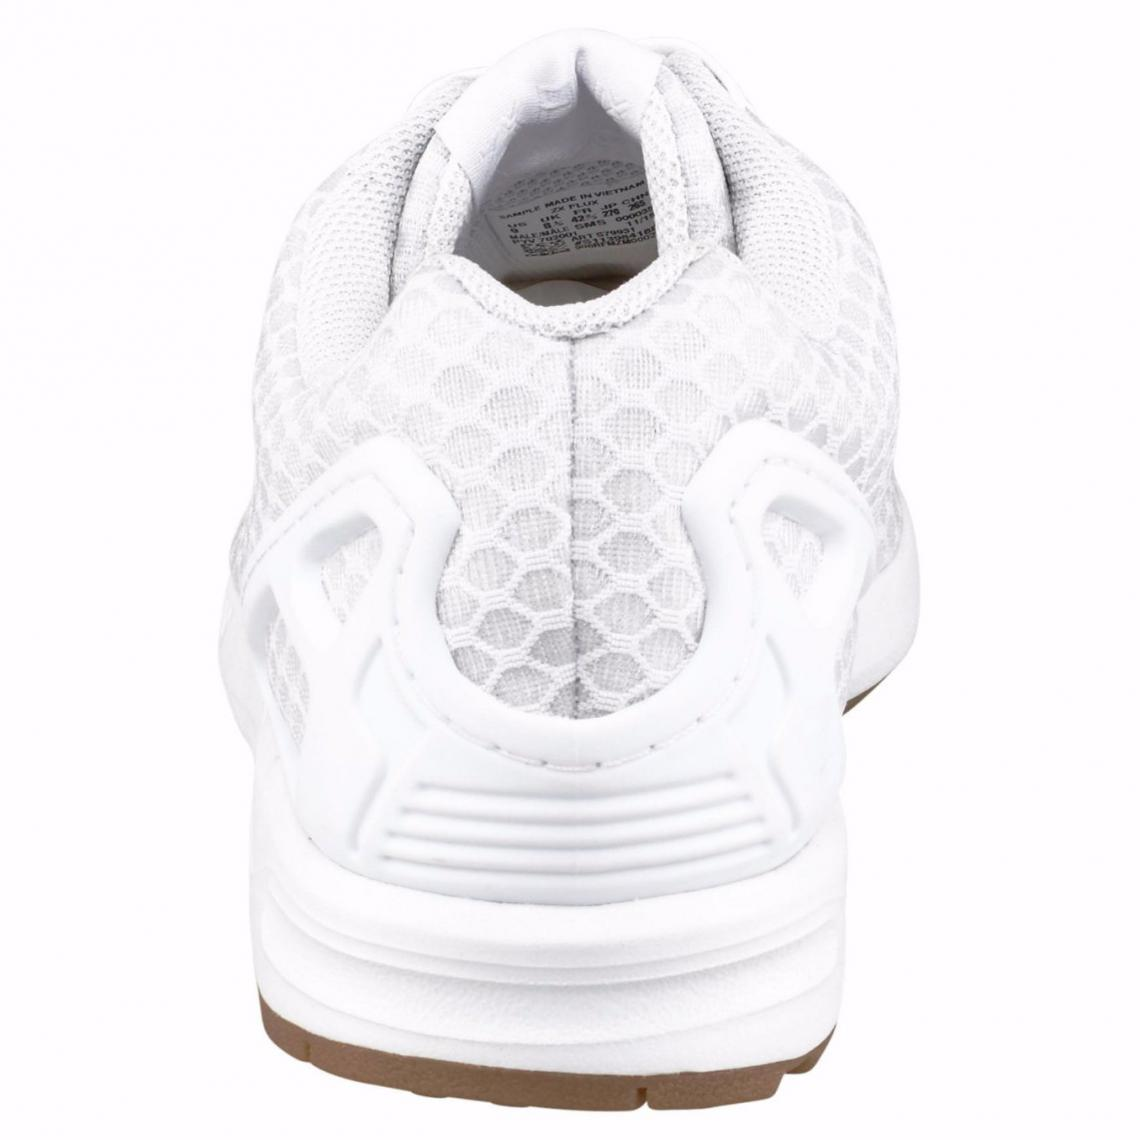 Chaussures running homme ZX Flux adidas Multicolore 8 Avis Plus de détails